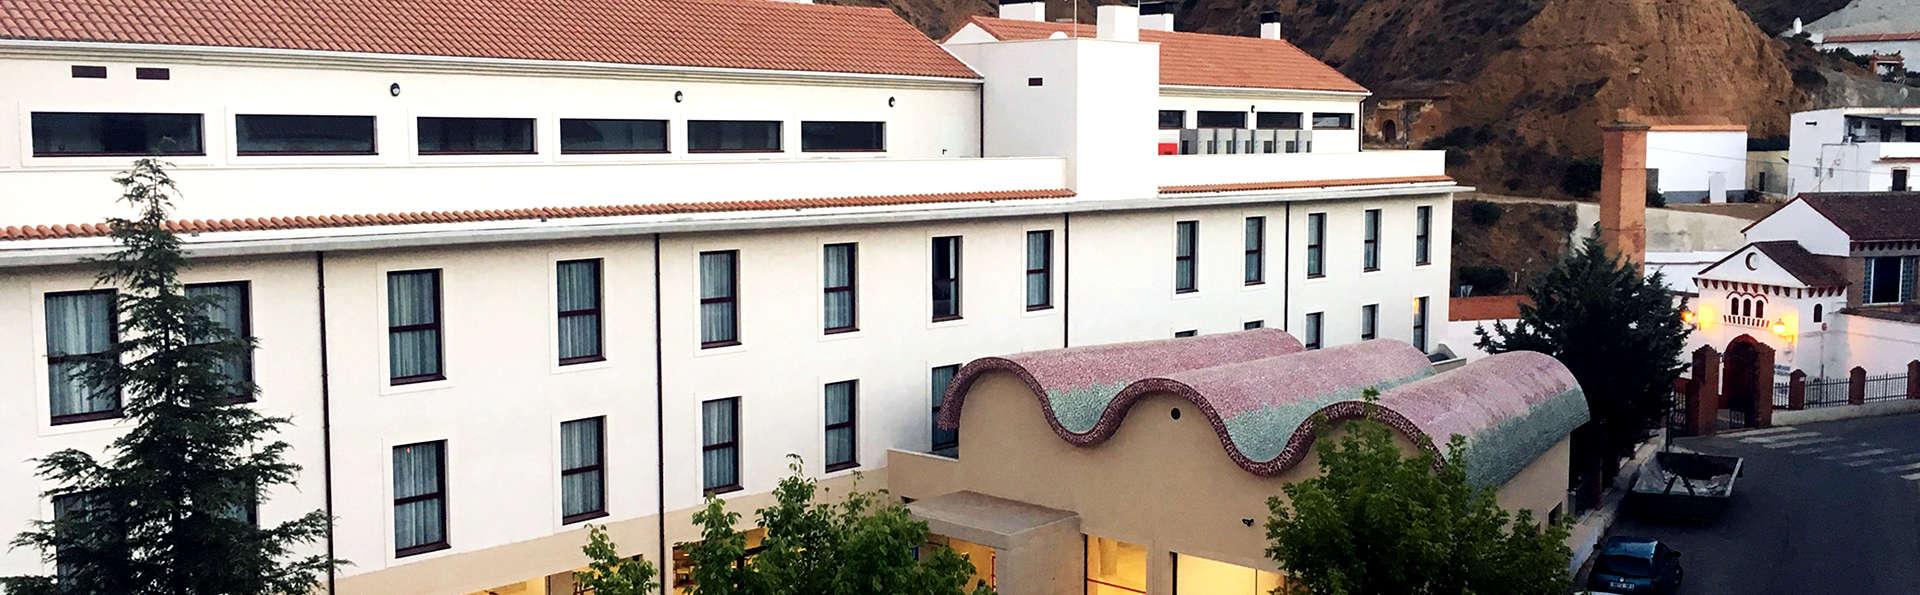 Hotel Balneario de Graena - Edit_Front3.jpg